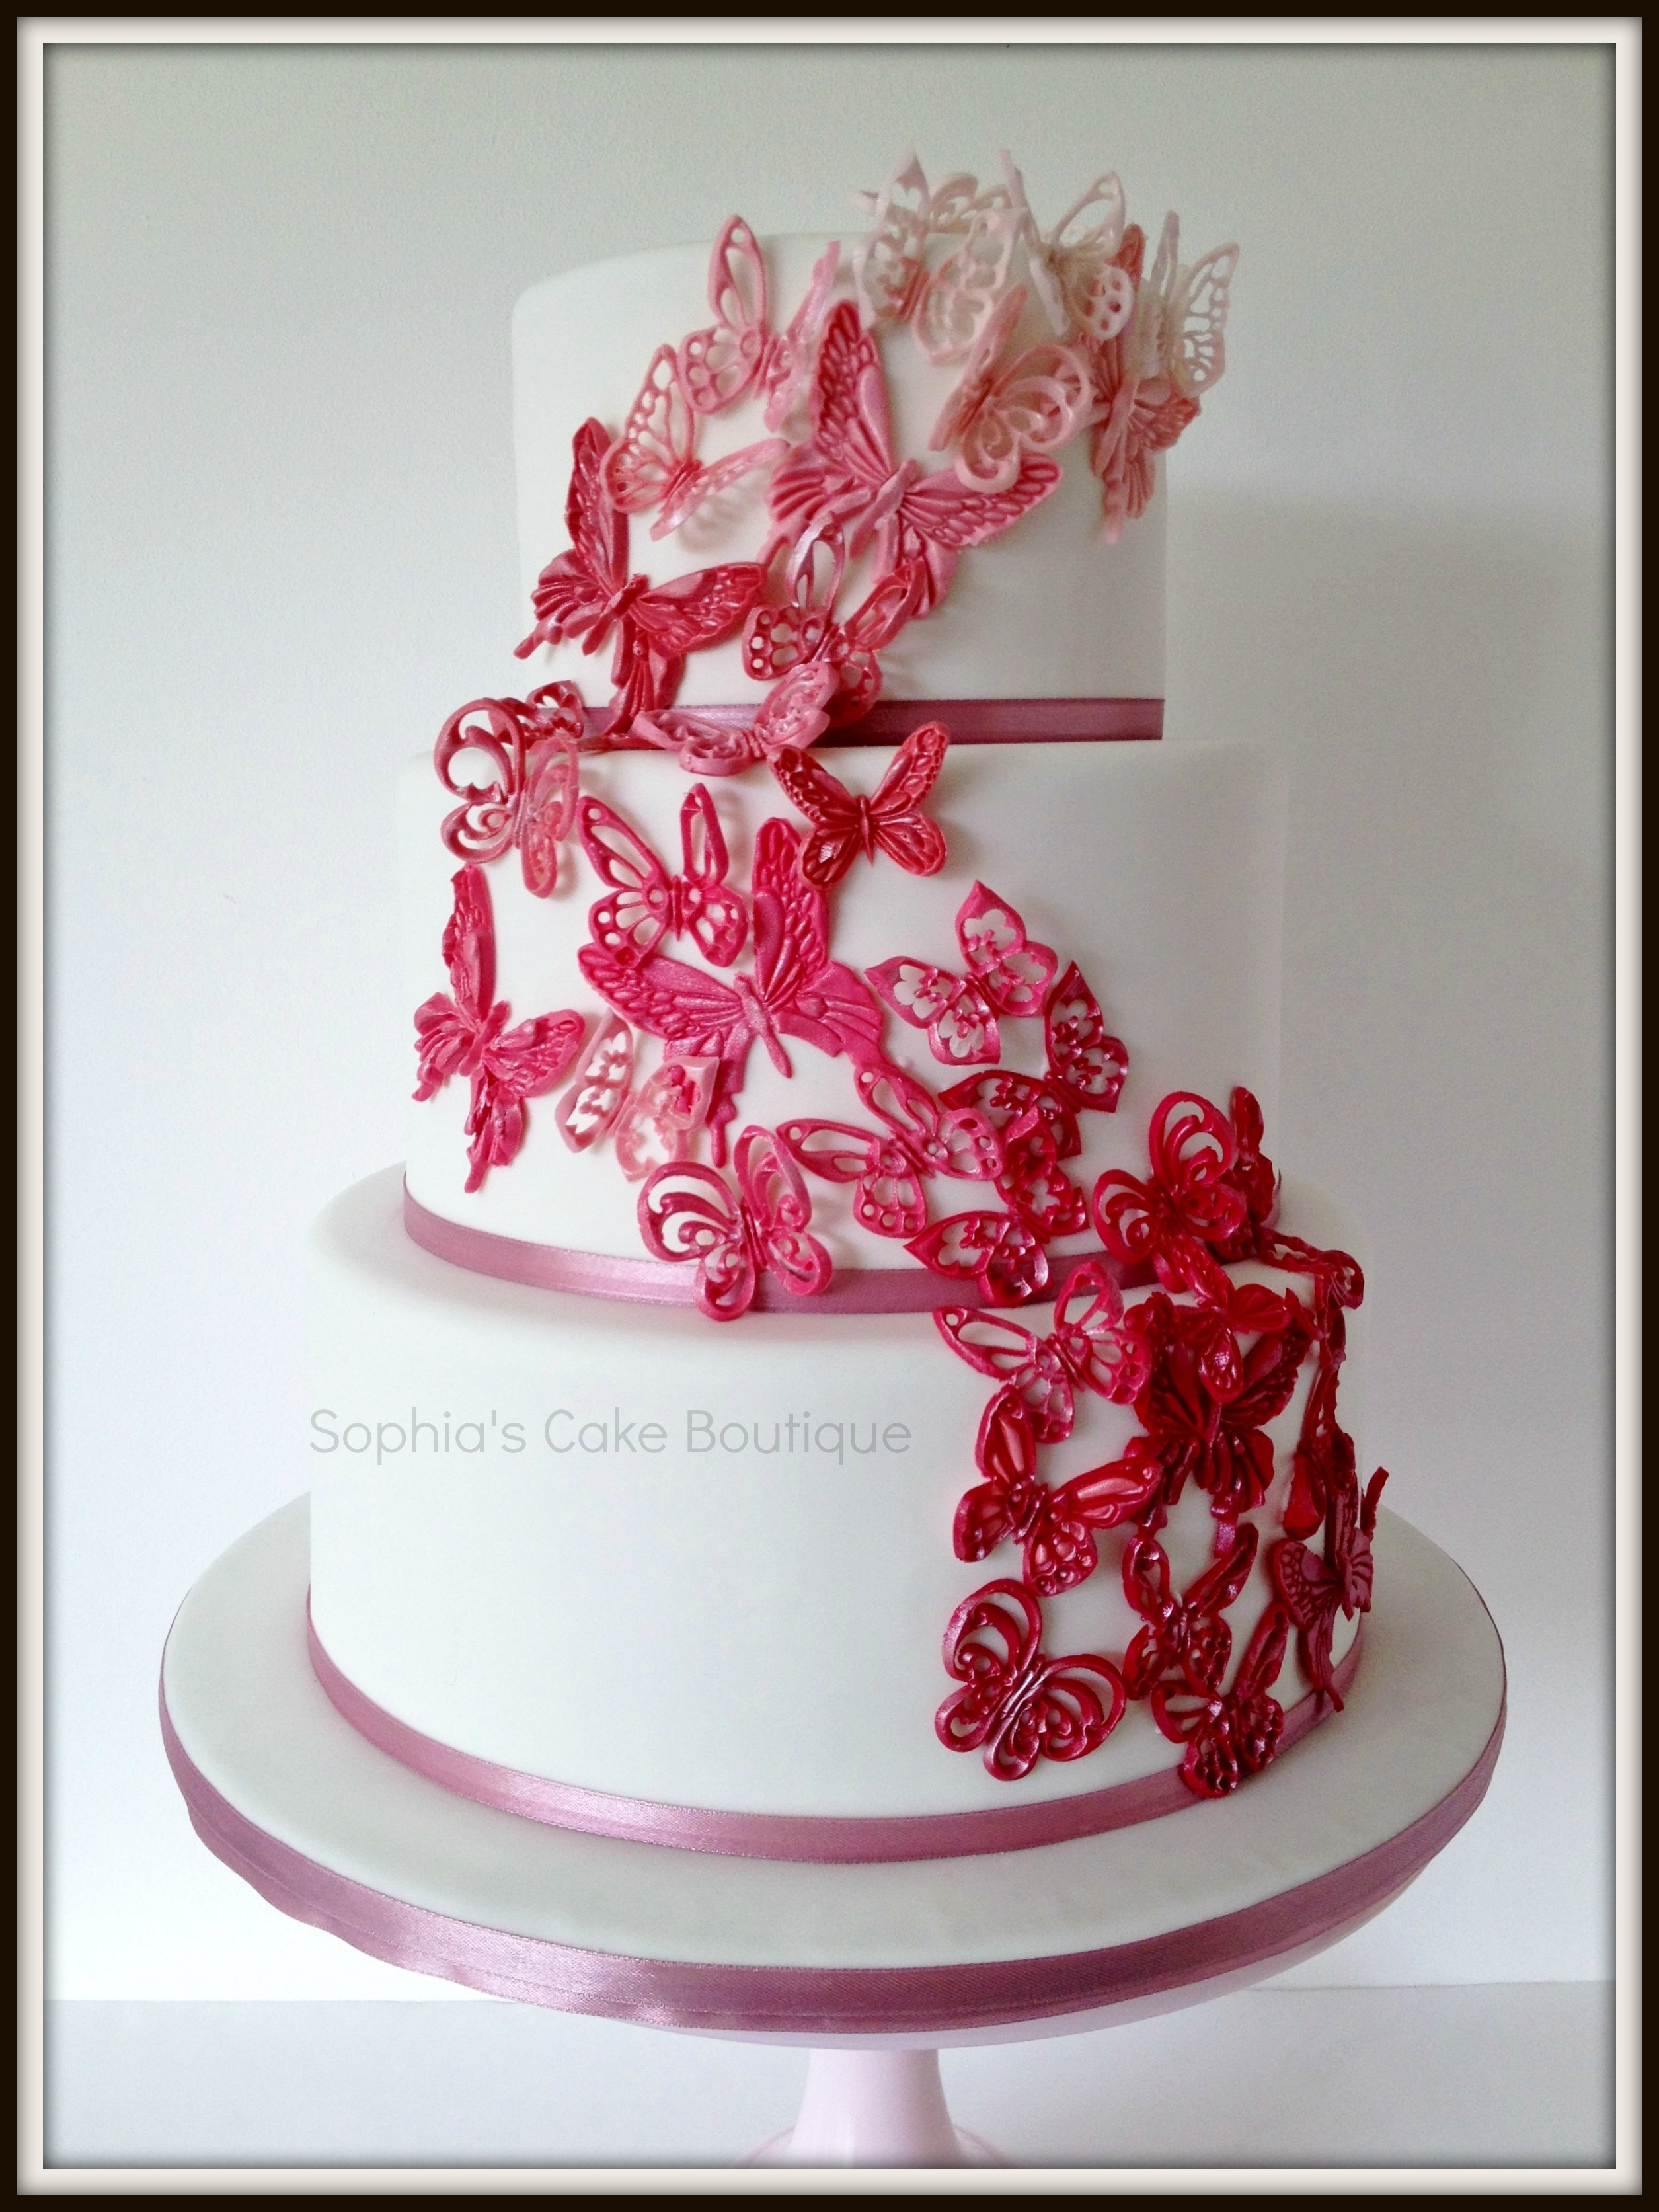 Three Tier Wedding Cake In Chocolate Mudcake Vanilla And